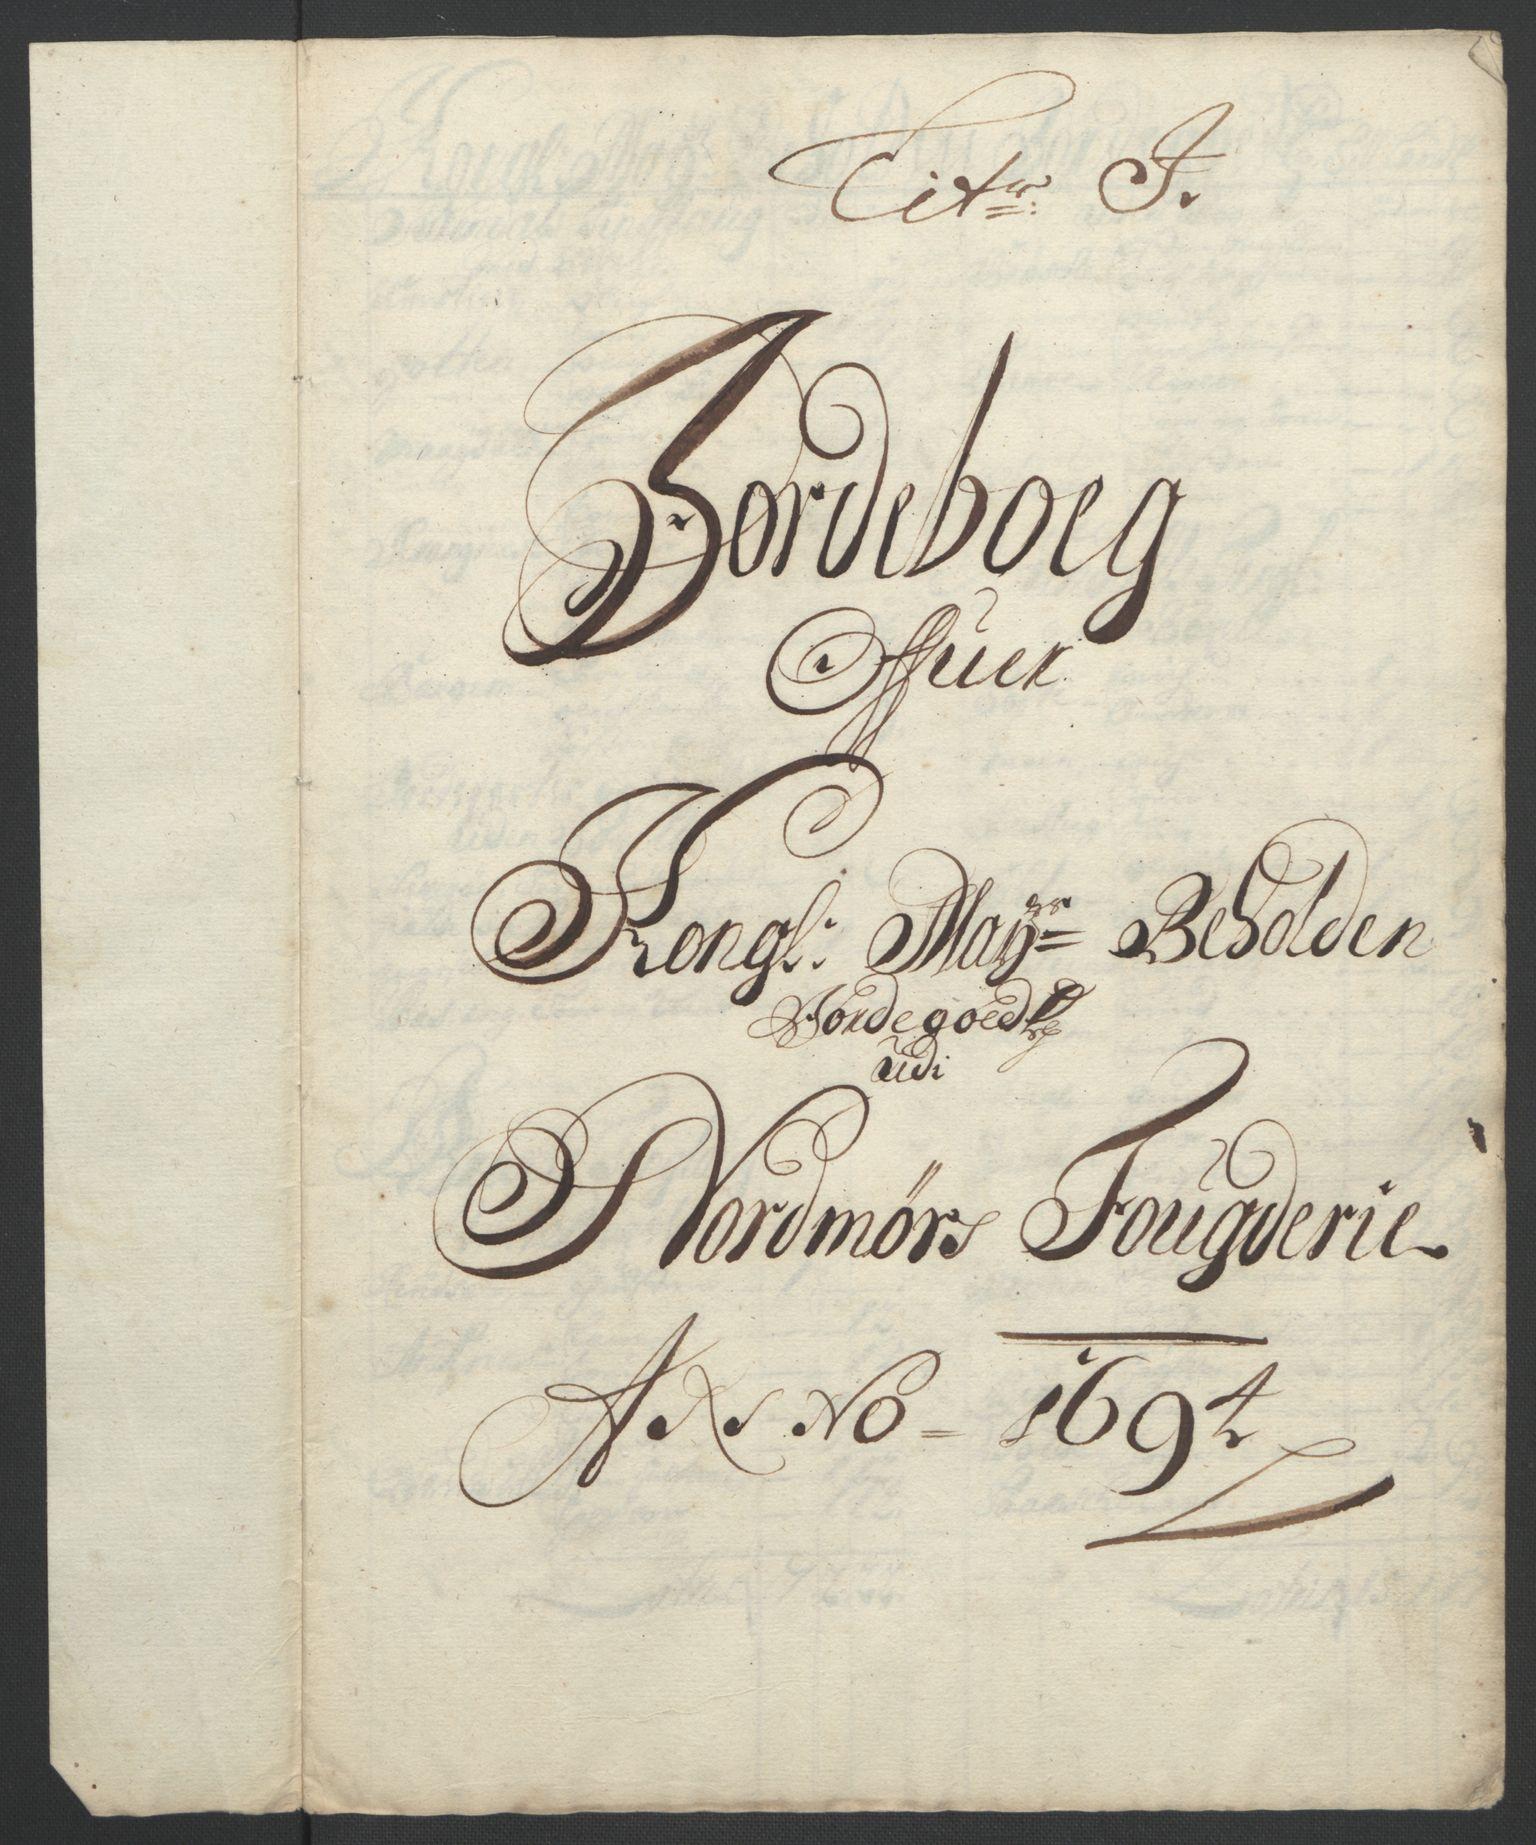 RA, Rentekammeret inntil 1814, Reviderte regnskaper, Fogderegnskap, R56/L3736: Fogderegnskap Nordmøre, 1694-1696, s. 97